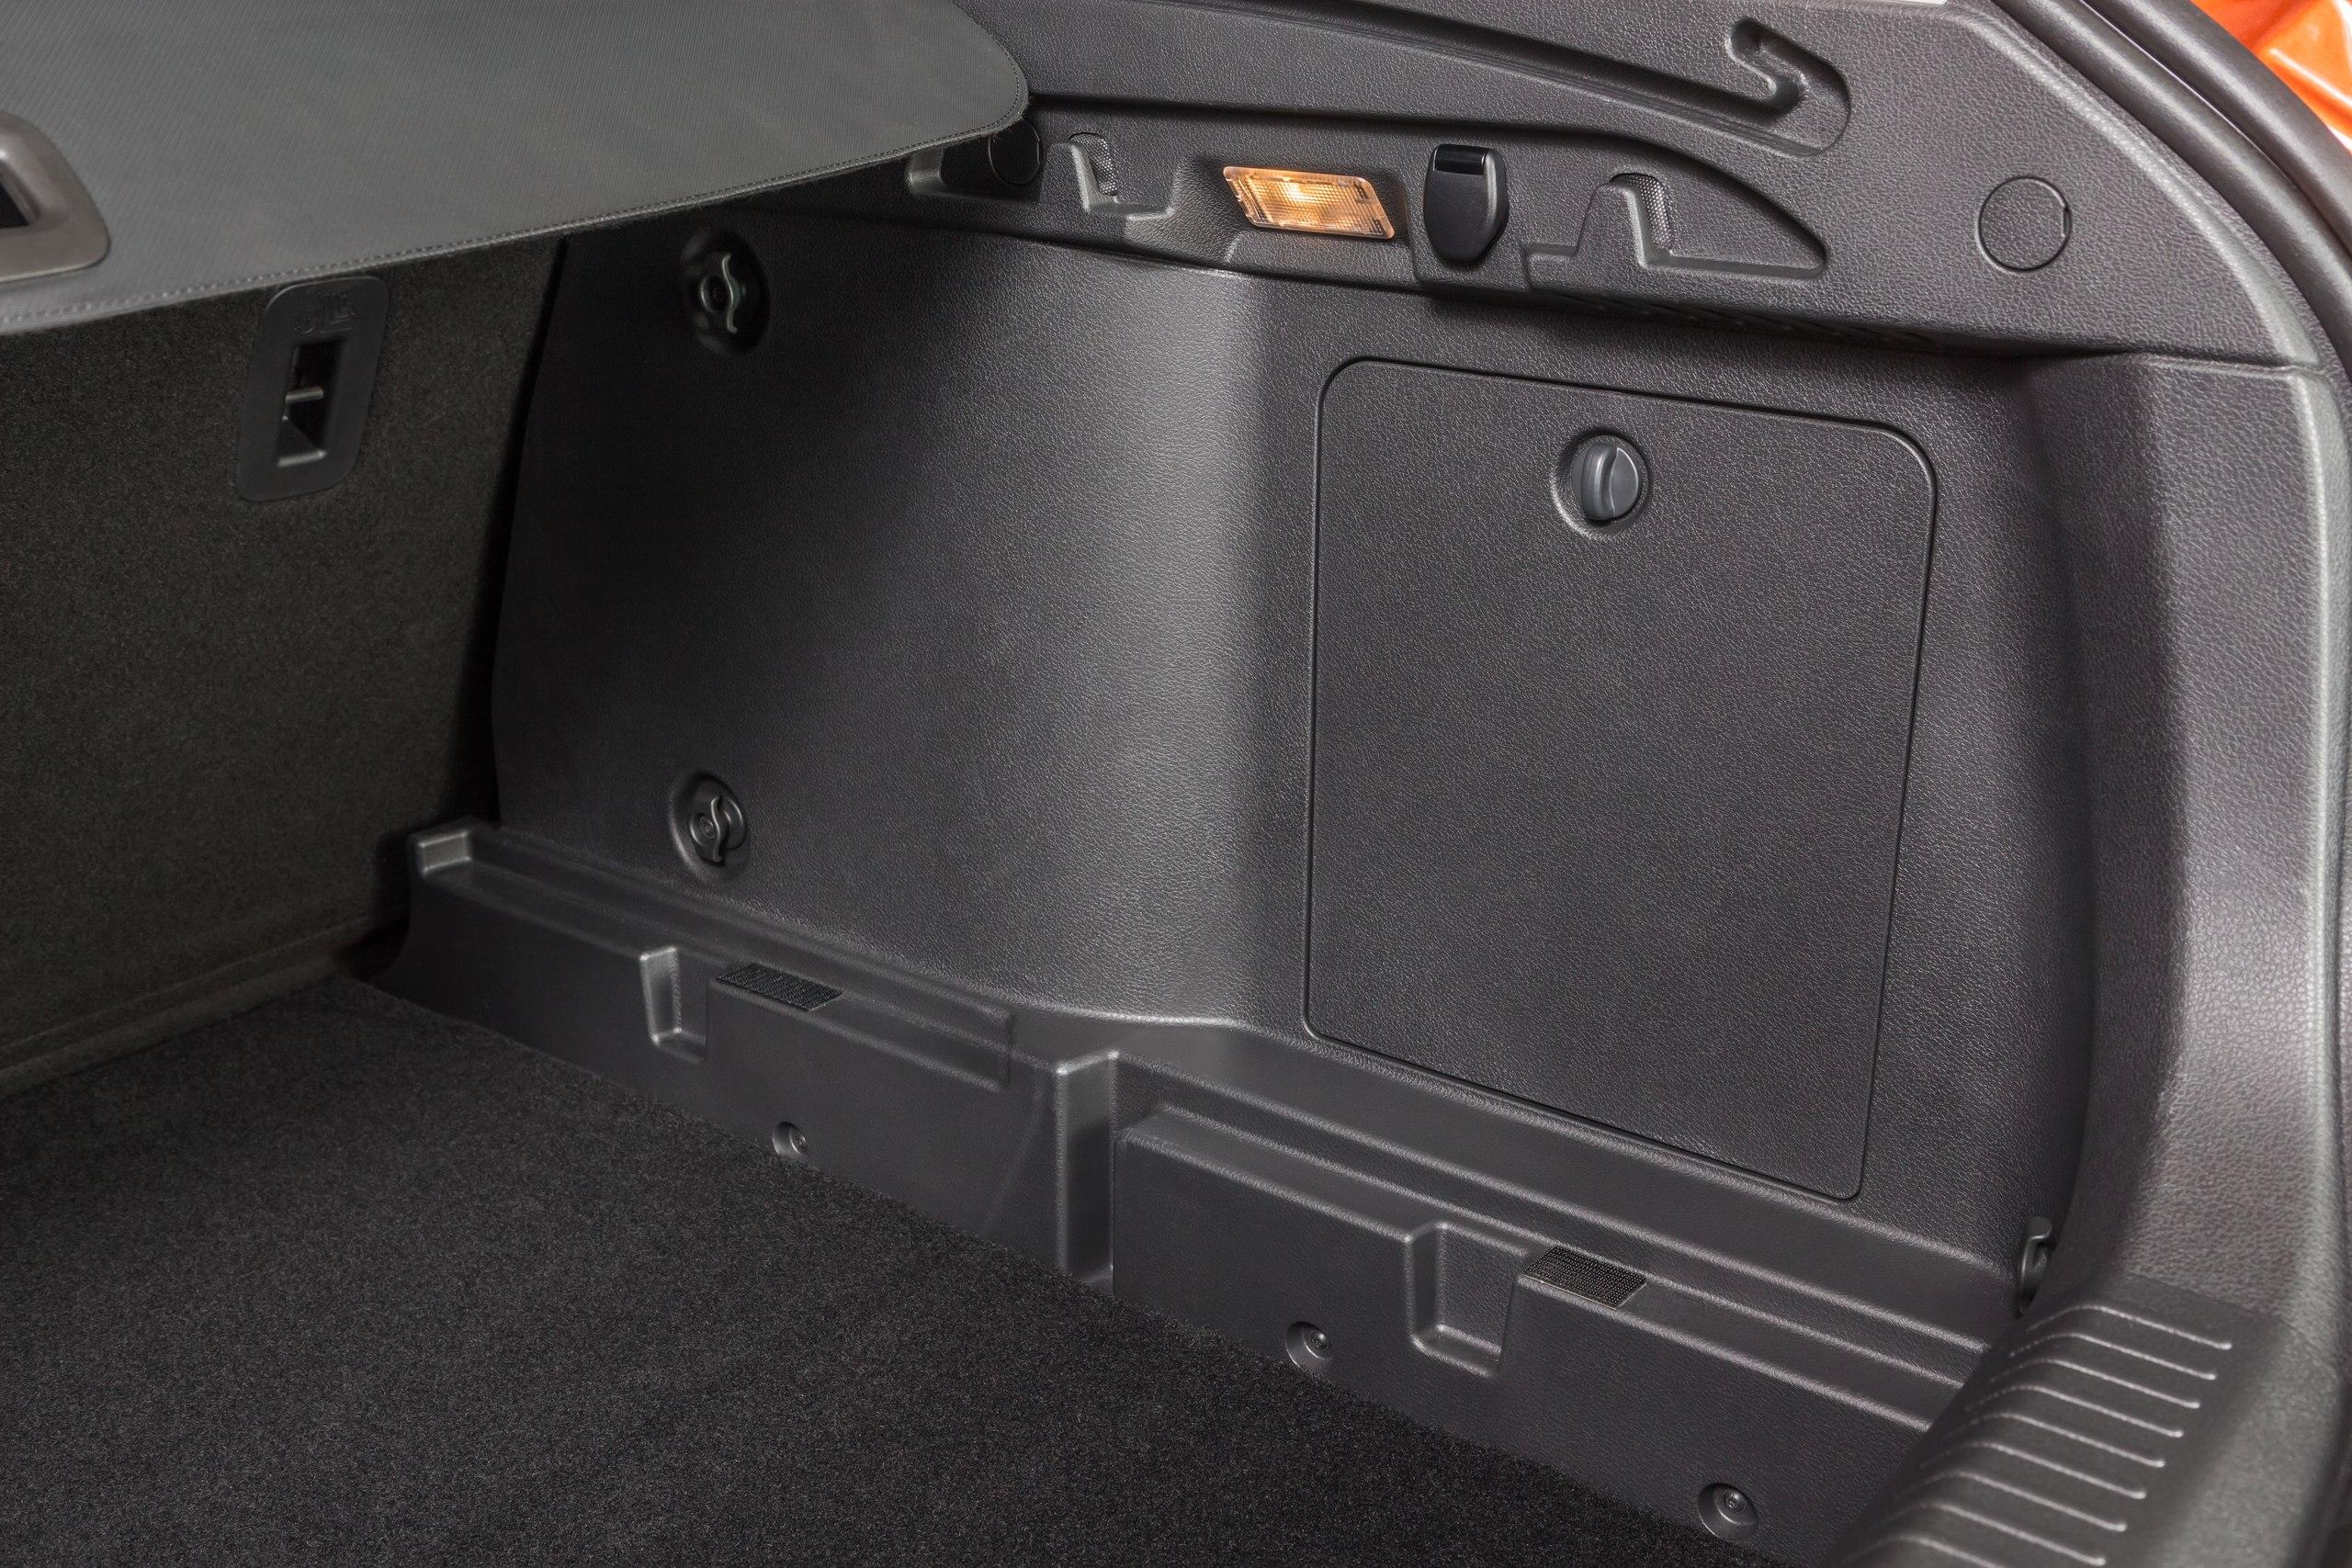 Справа и слева расположены по 2 крючка для пакетов.